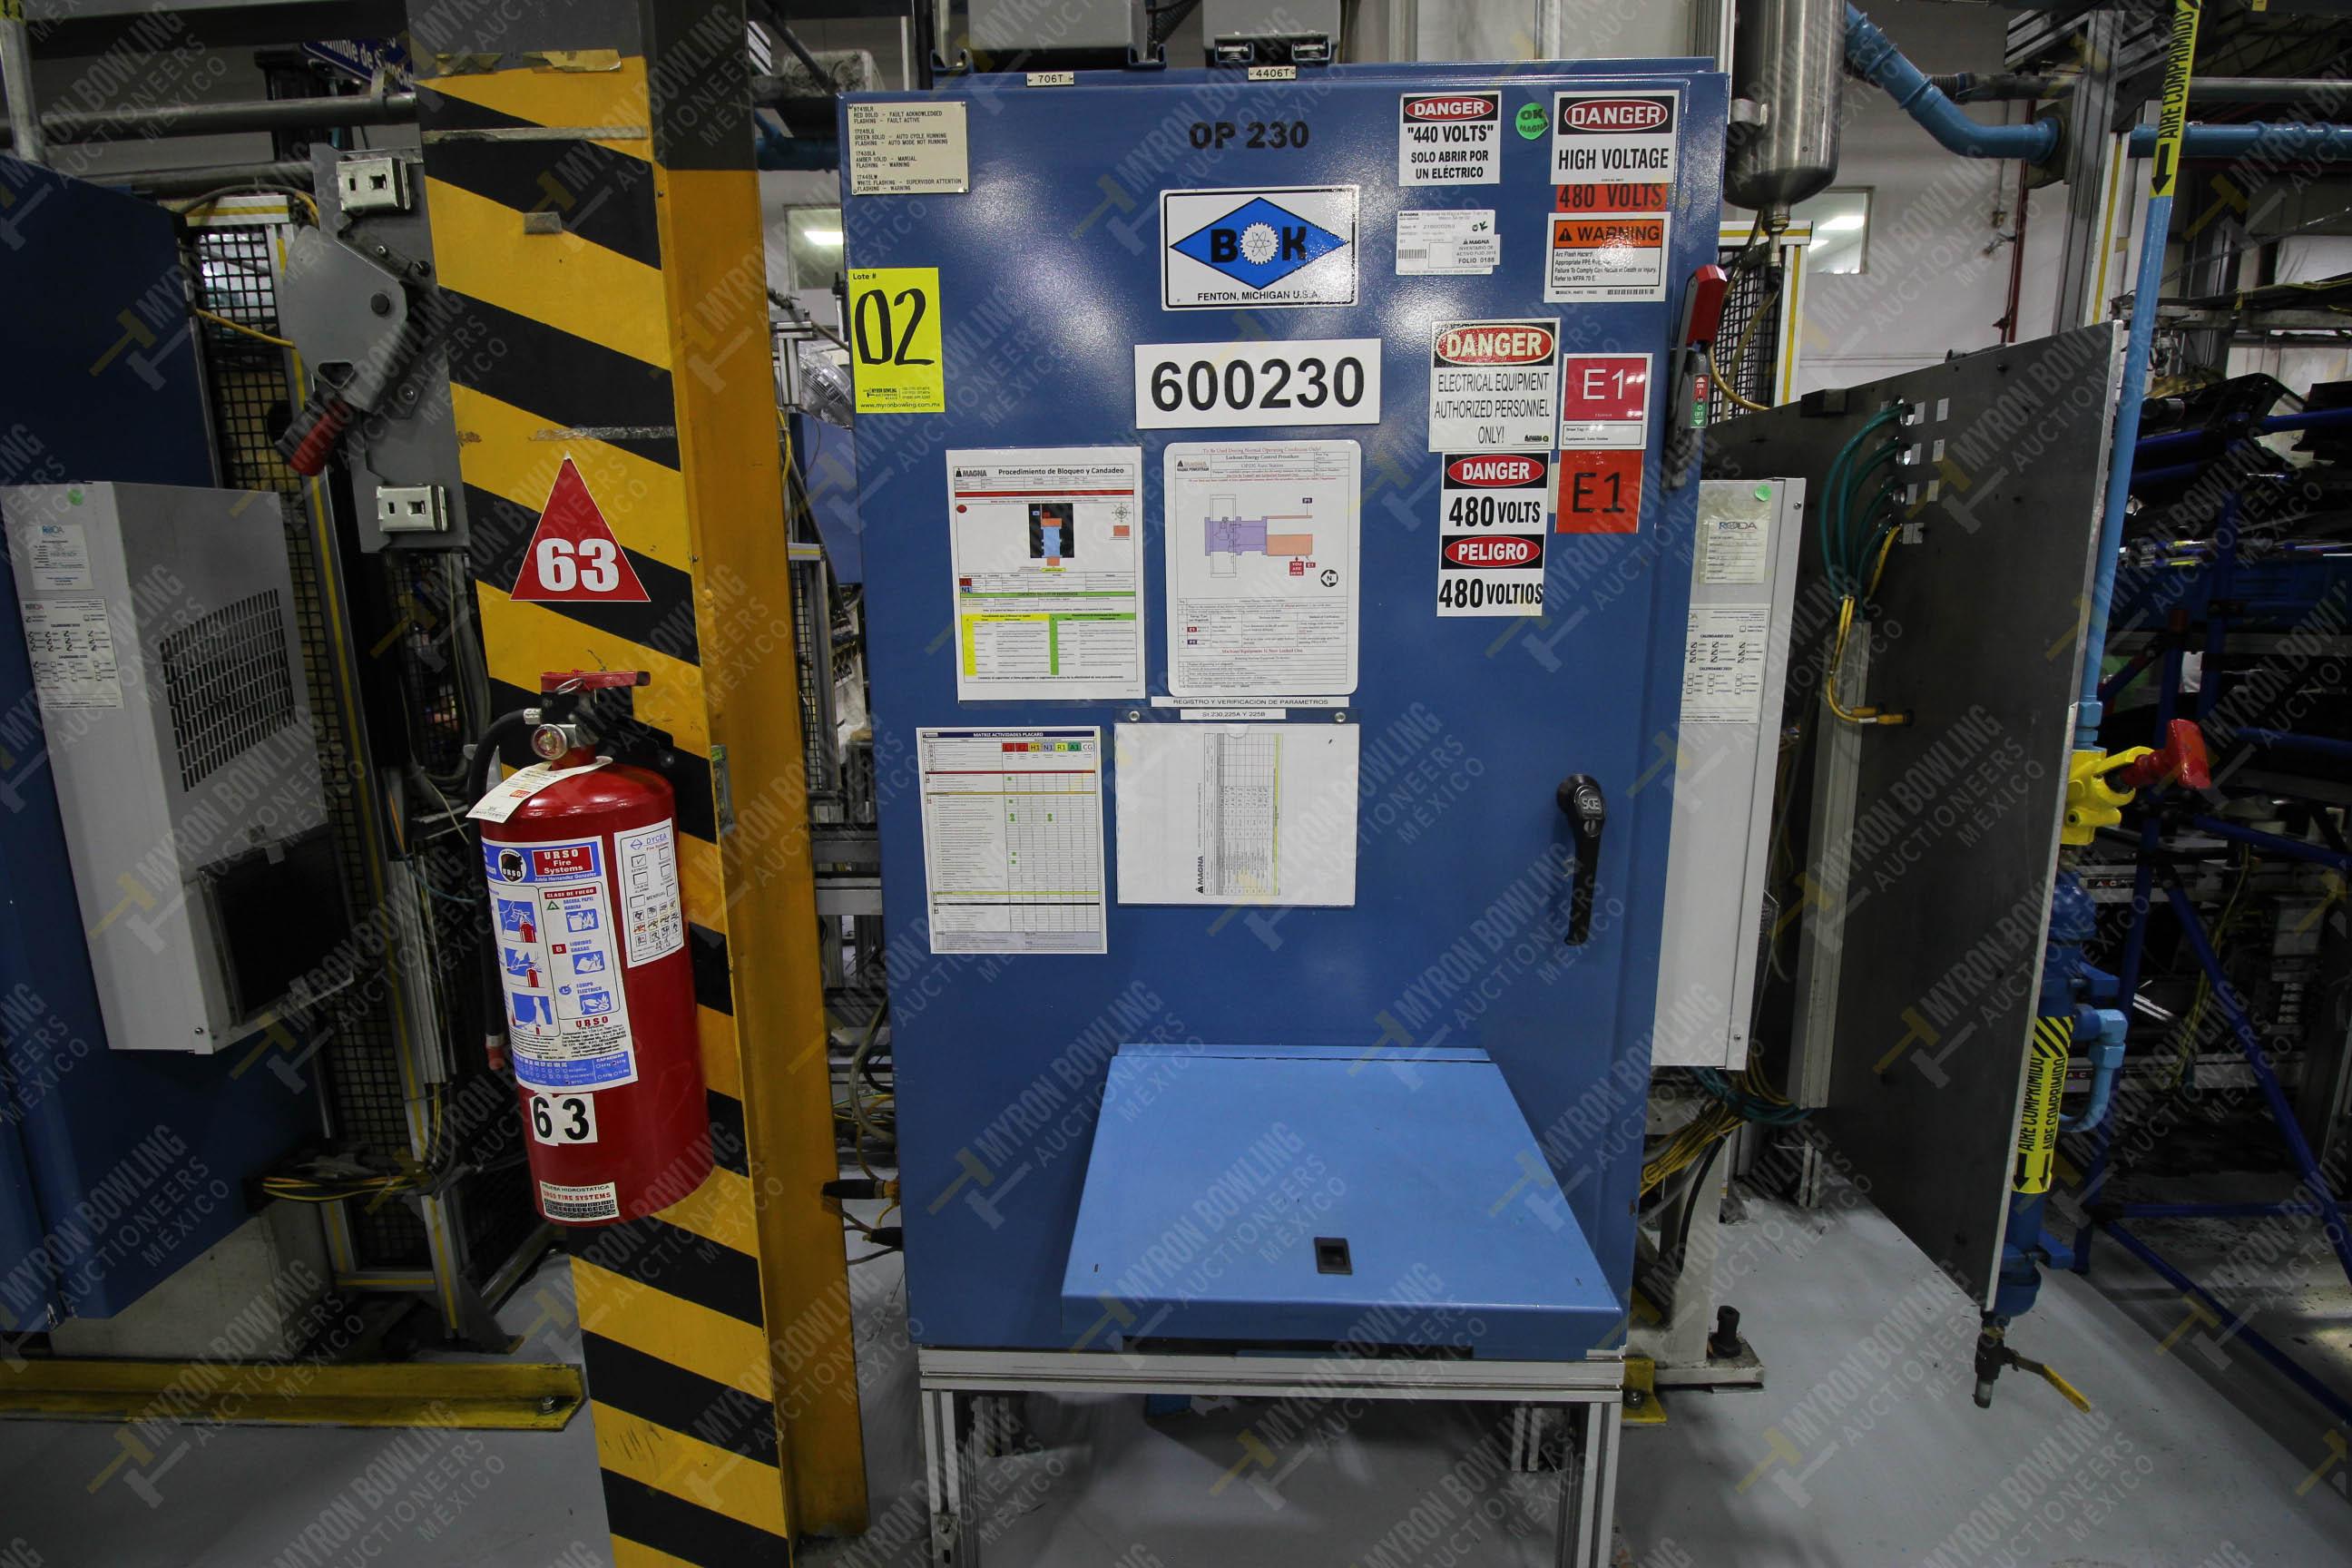 Estación automática para operación 230, para medición de gap - Image 26 of 36